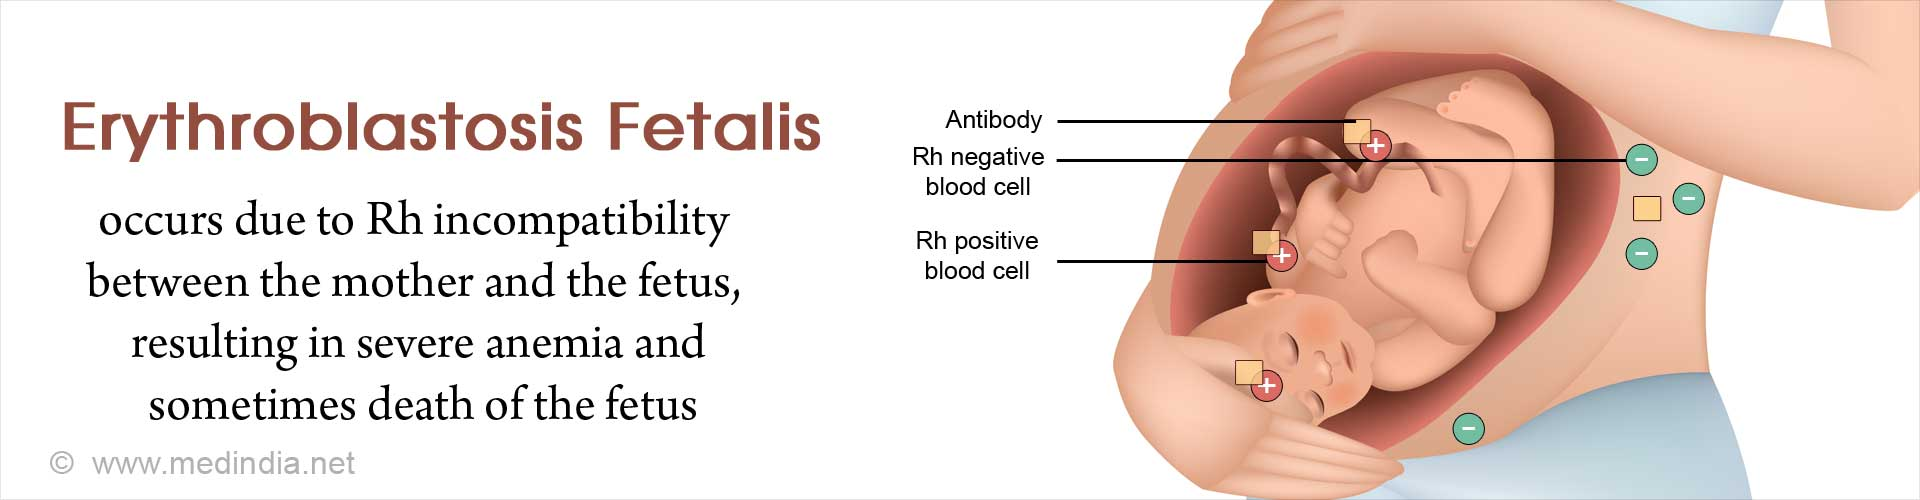 Erythroblastosis Fetalis